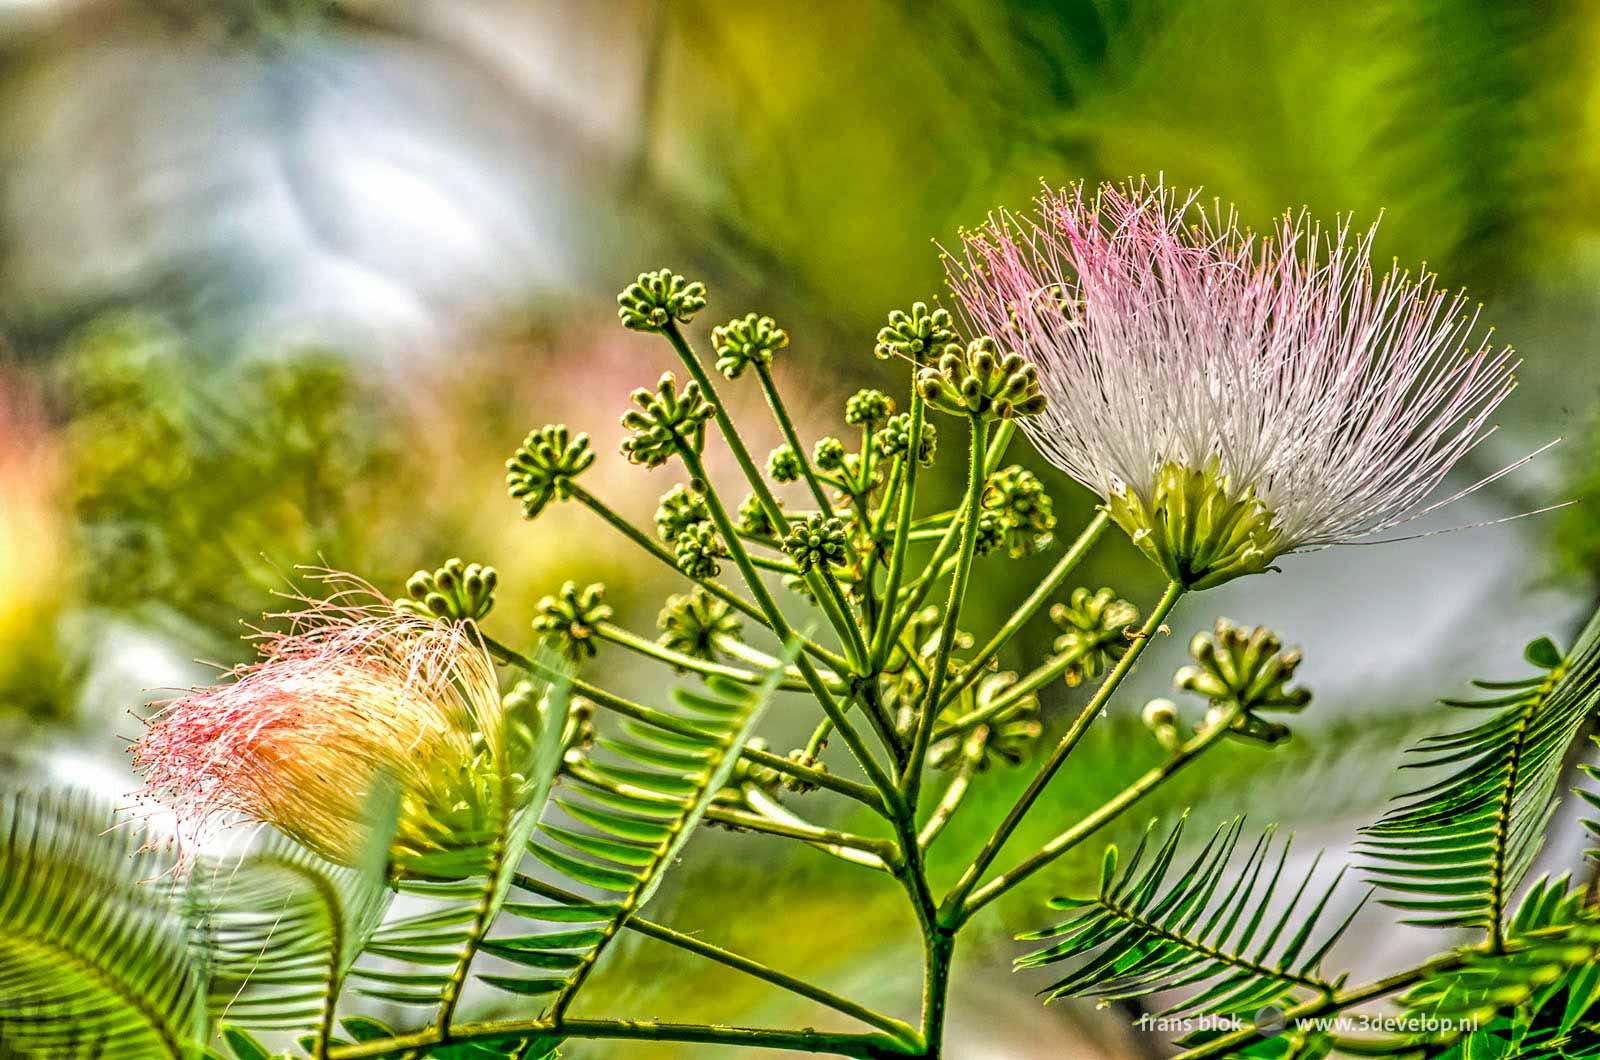 Detailfoto van de bloemen van een albizia, oftewel een Perzische slaapboom